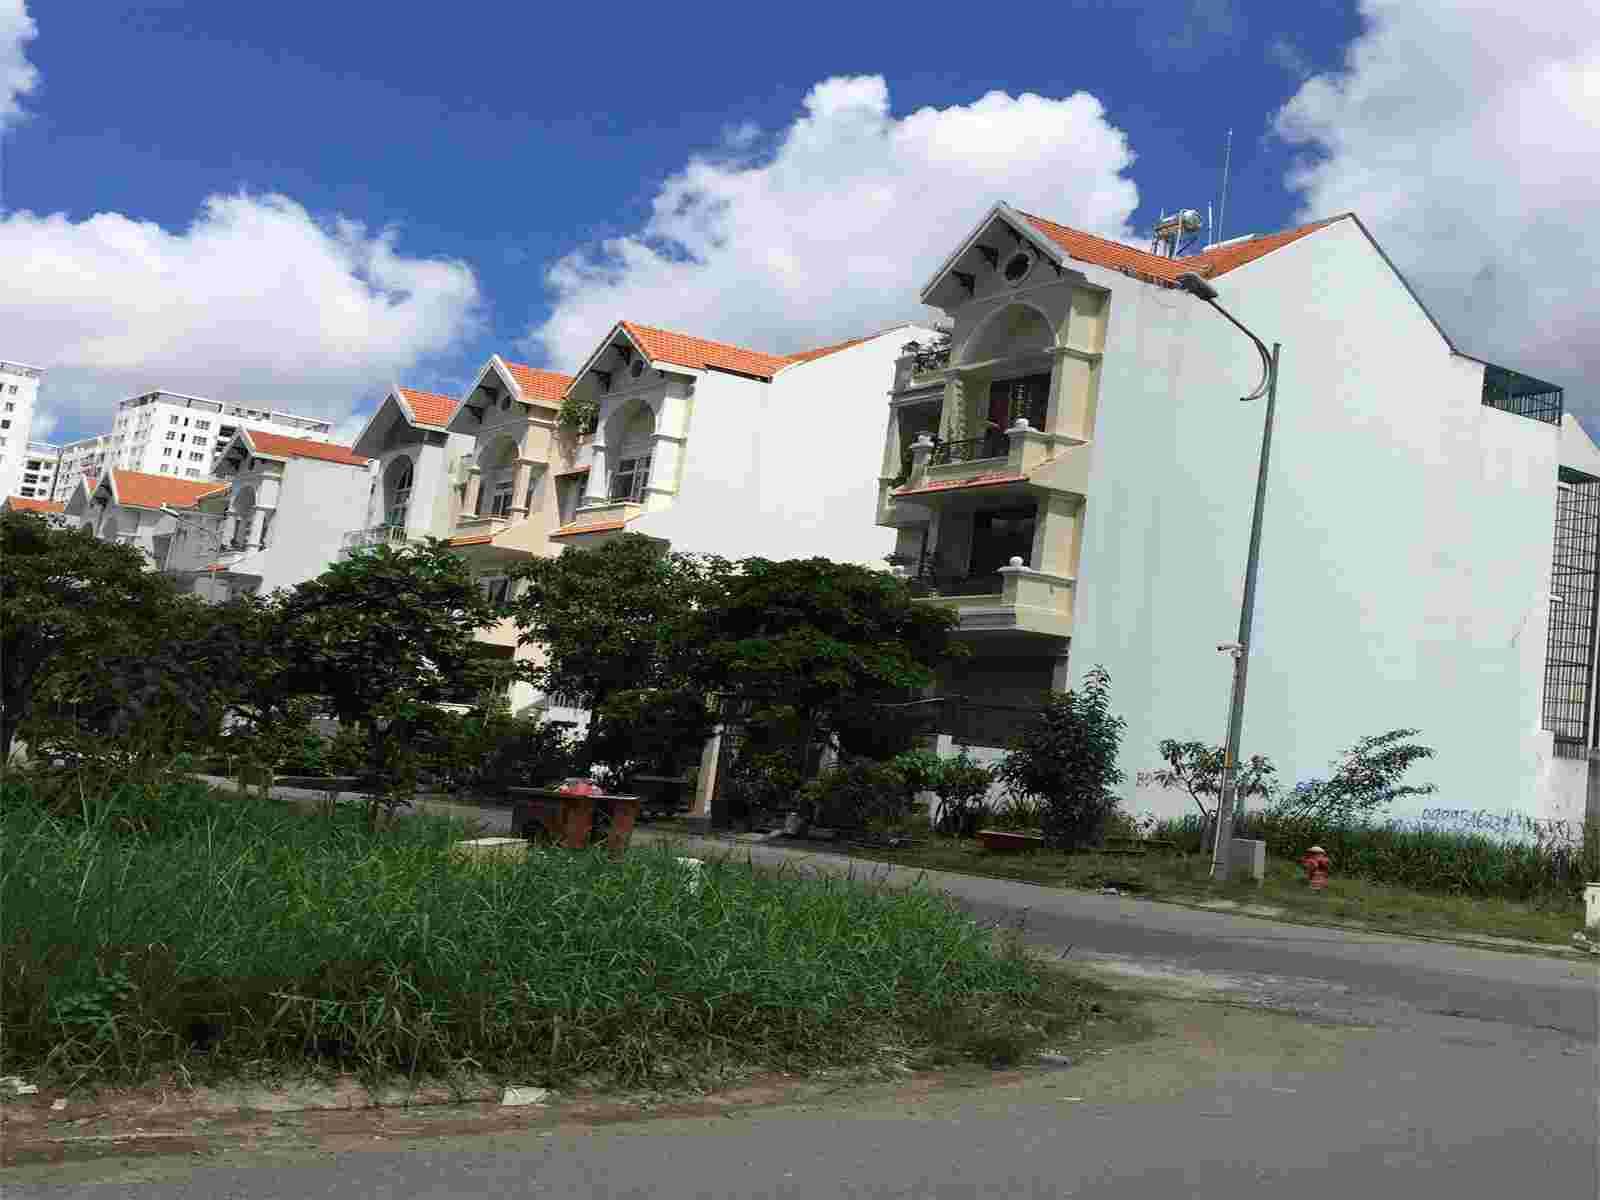 Bán lô góc 2 mt Him Lam Kênh Tẻ giá rẻ nhất thị trường, nền T1, diện tích 127.5m2, giá 165 triệu/m2,  mt đường số 5 và đường số 14. LH: 0913. 050.053